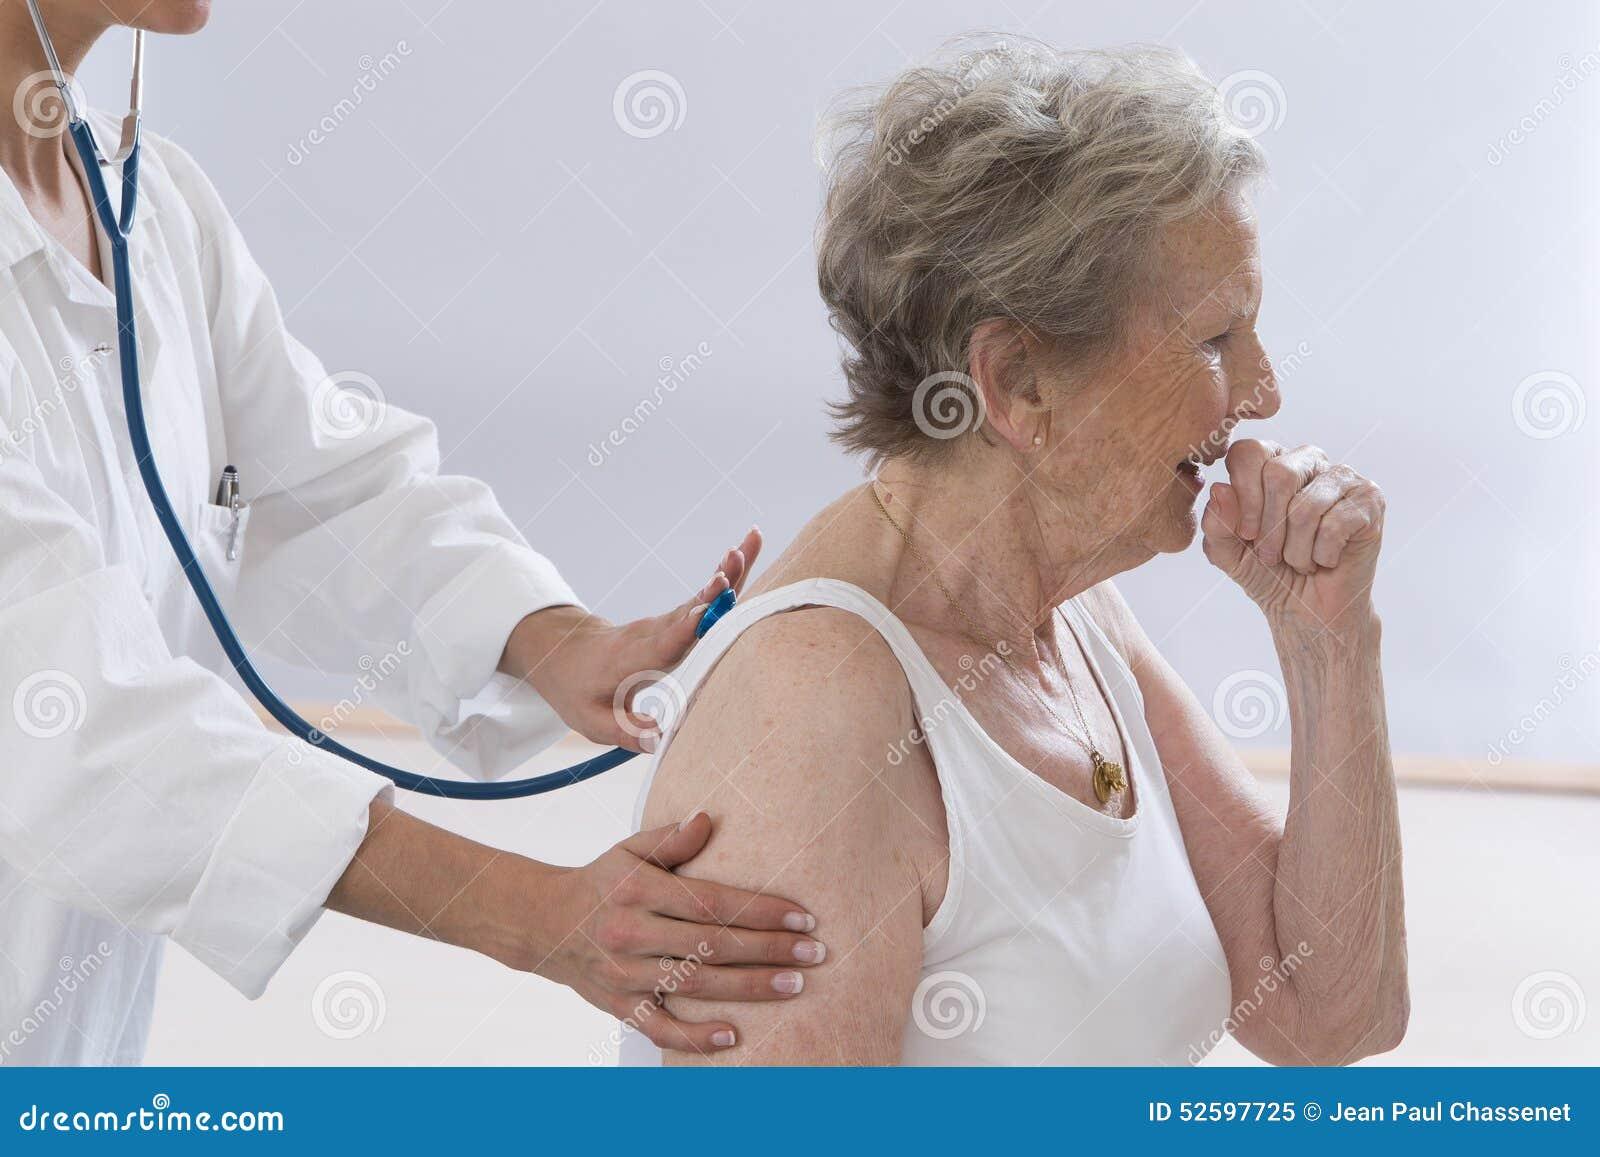 Femme supérieure toussant tandis que docteur Examining Her